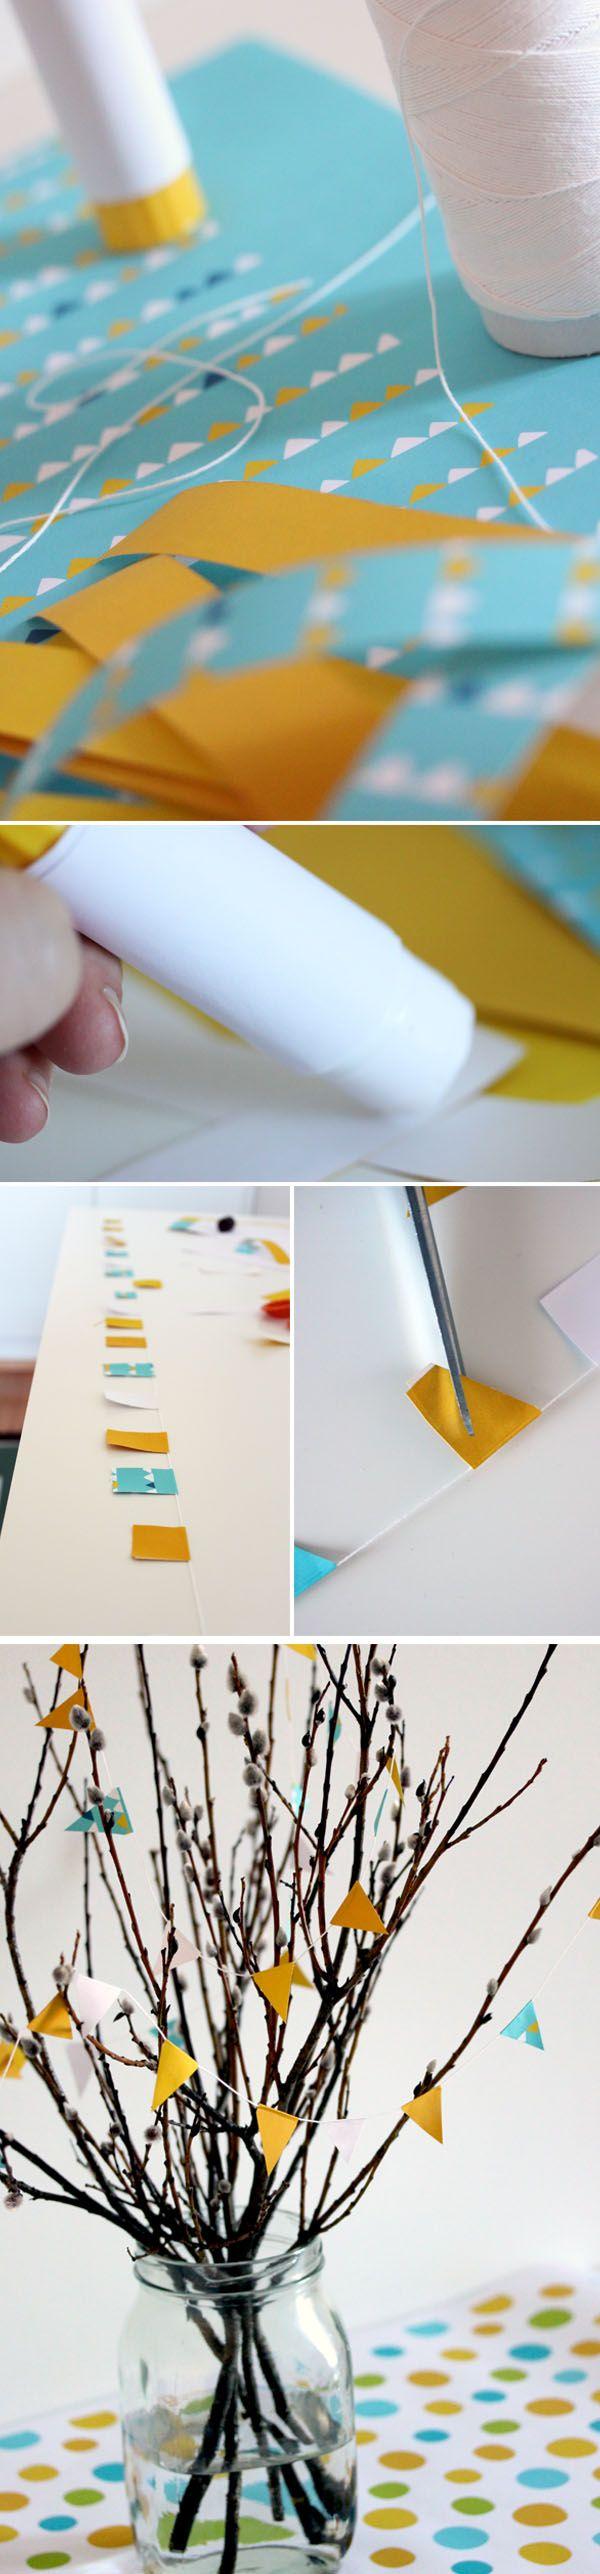 Viirinauha. lasten | askartelu | pääsiäinen | käsityöt | koti | paperi | DIY ideas | kid crafts | Easter | home | paper crafts | Pikku Kakkonen